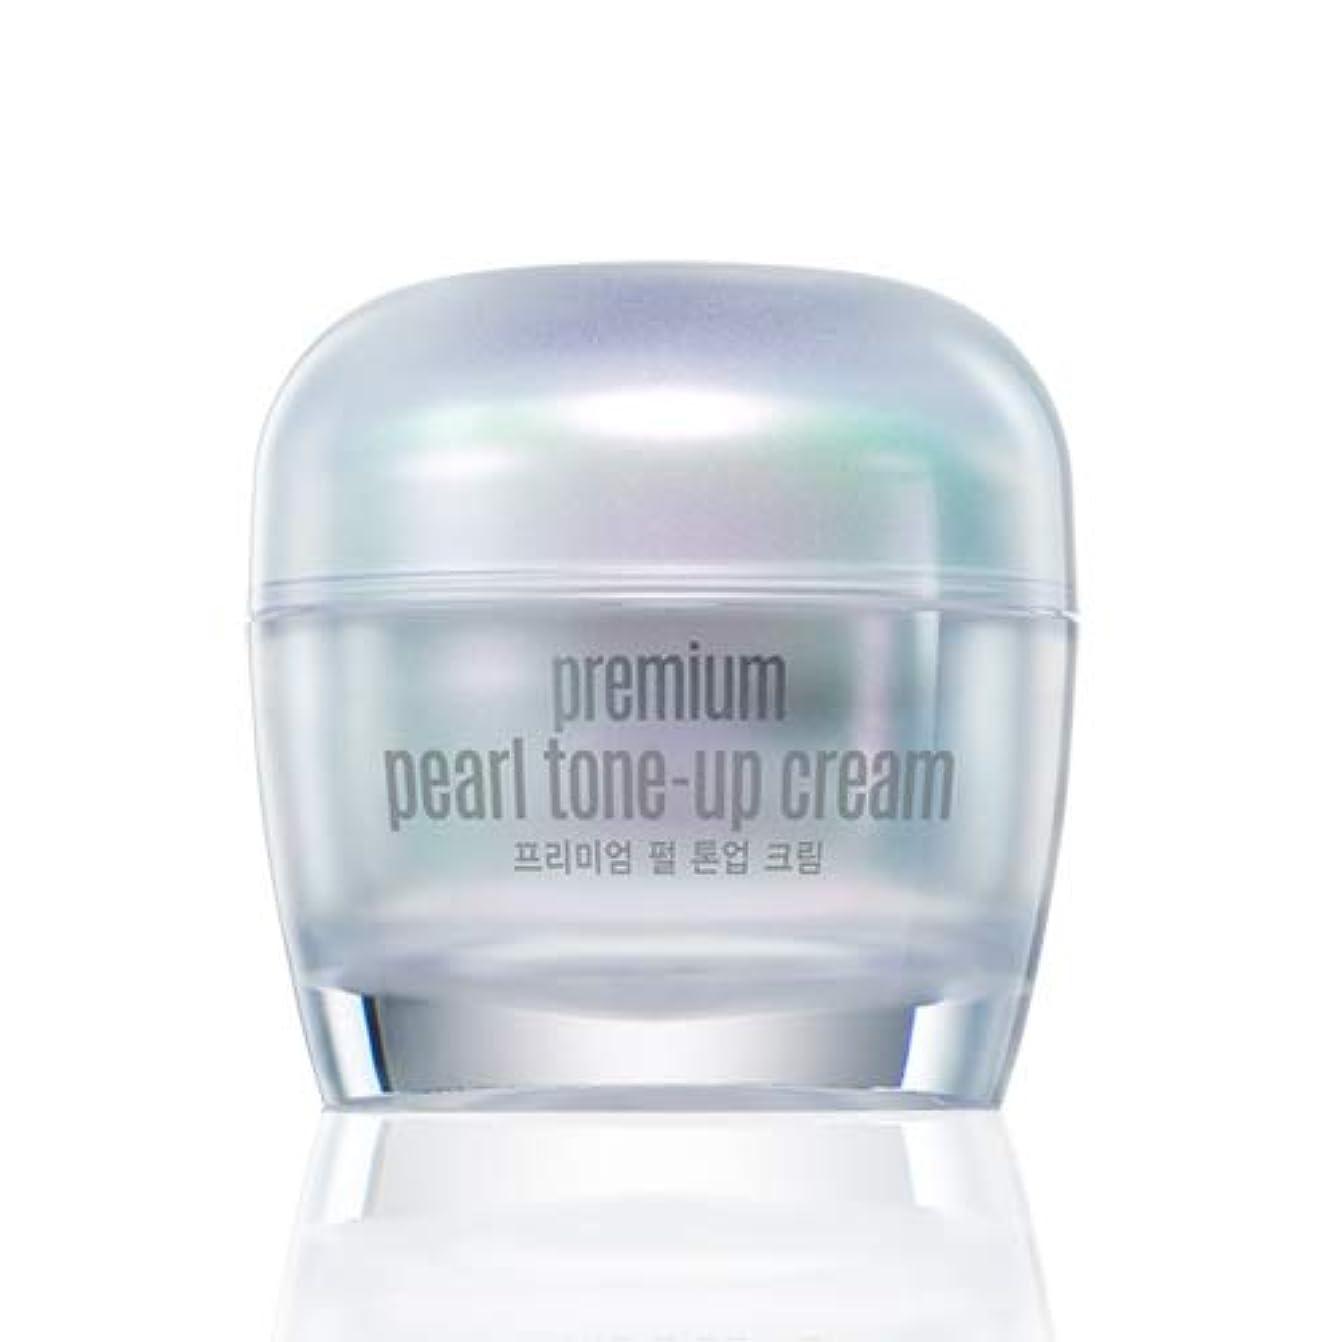 バッグ生む範囲グーダル プレミアム パール トーンアップ クリーム50ml Goodal Premium Pearl Tone-up Cream [並行輸入品]